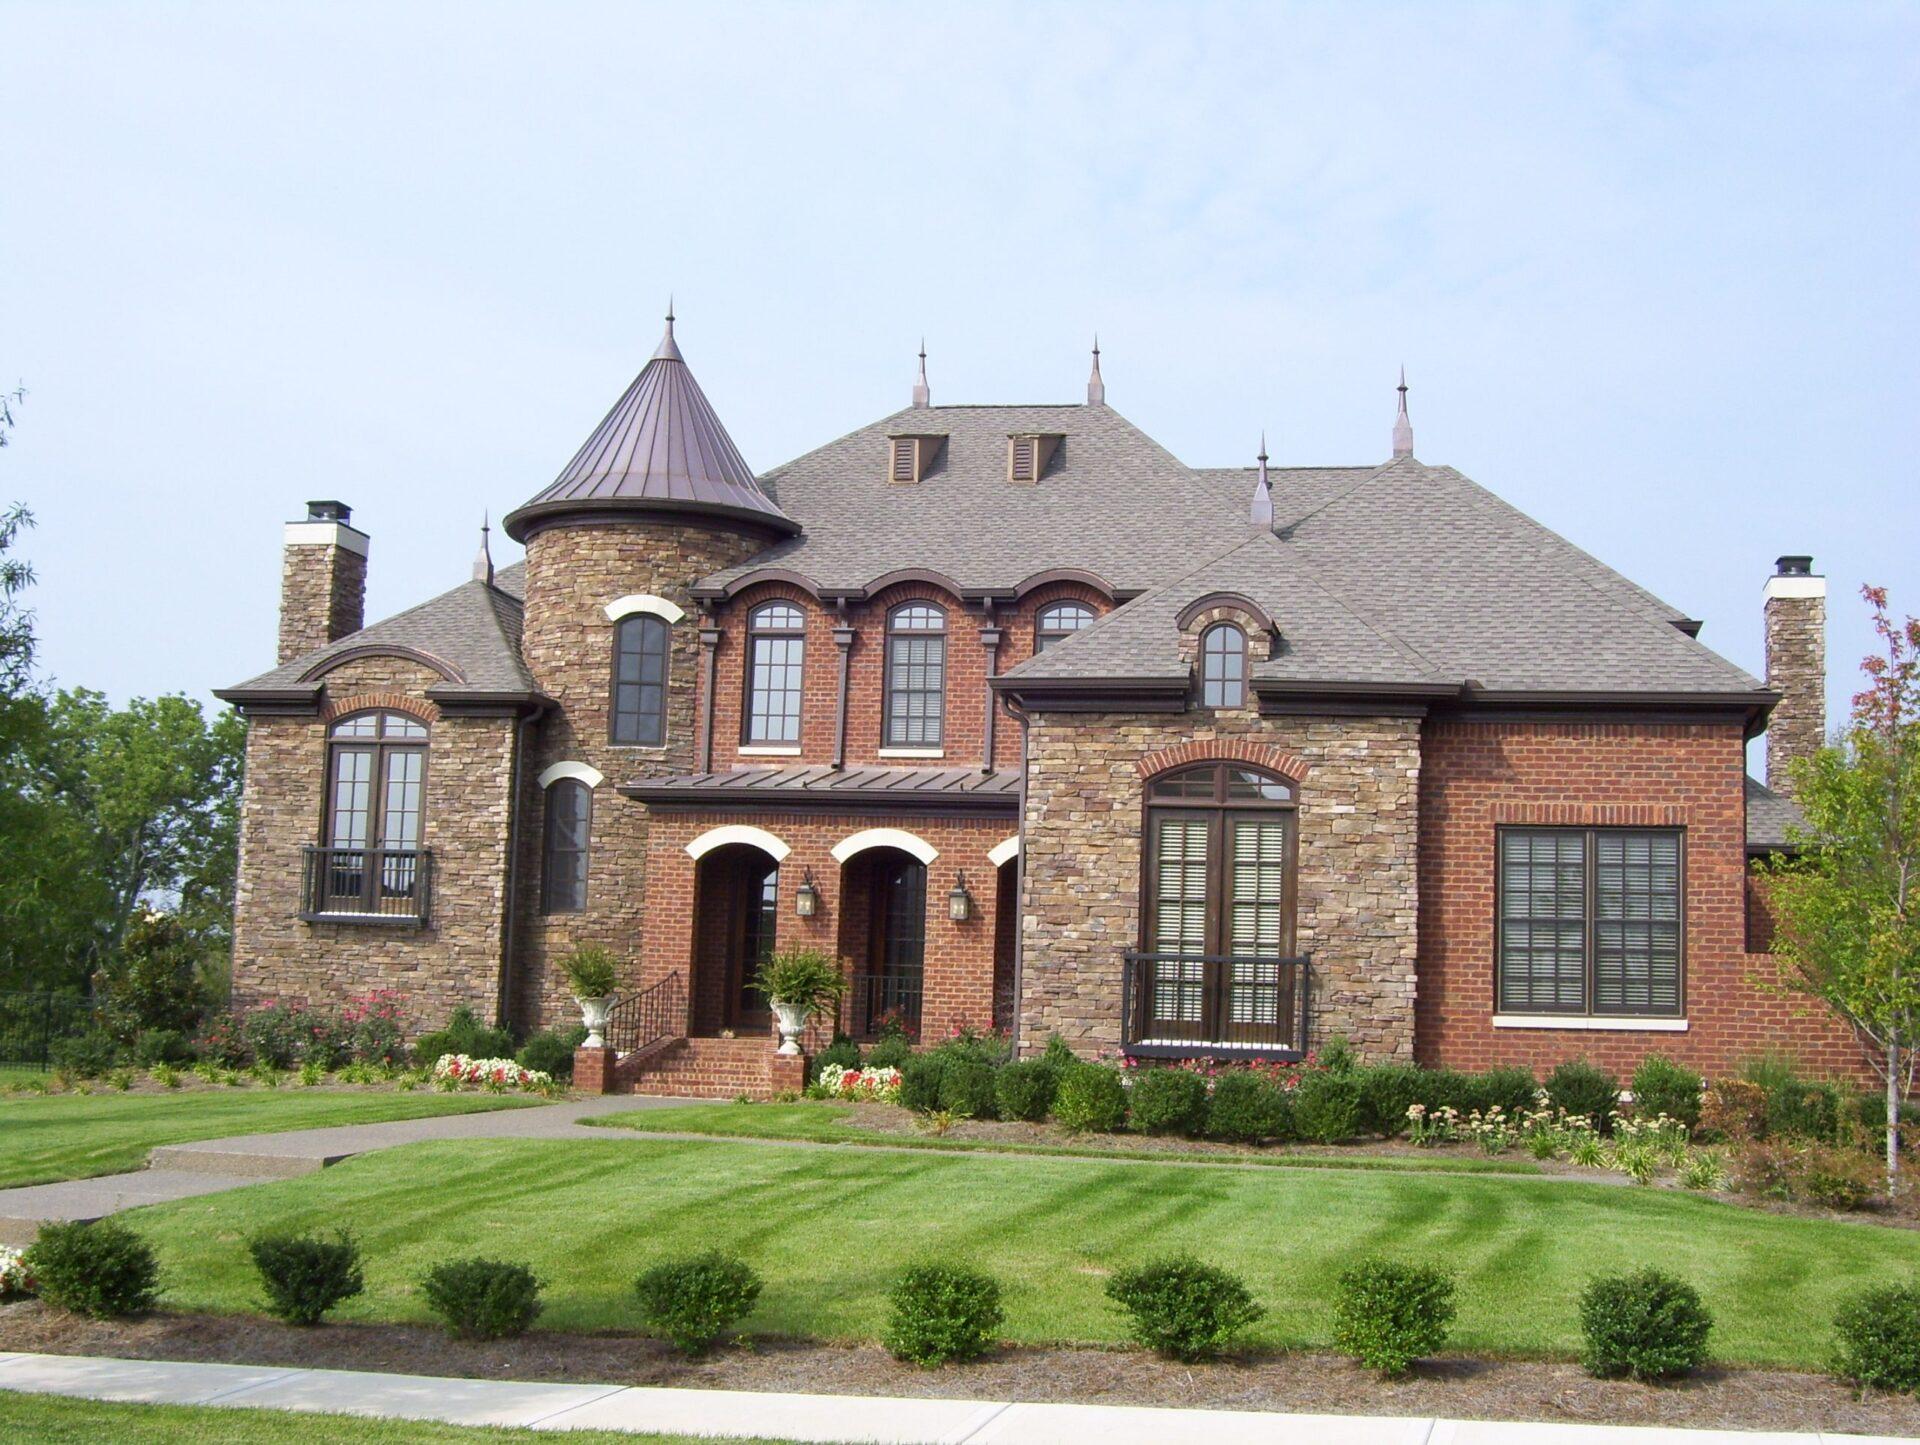 Nashville's Elegant home designer and premier builder of elegant home and floor designs